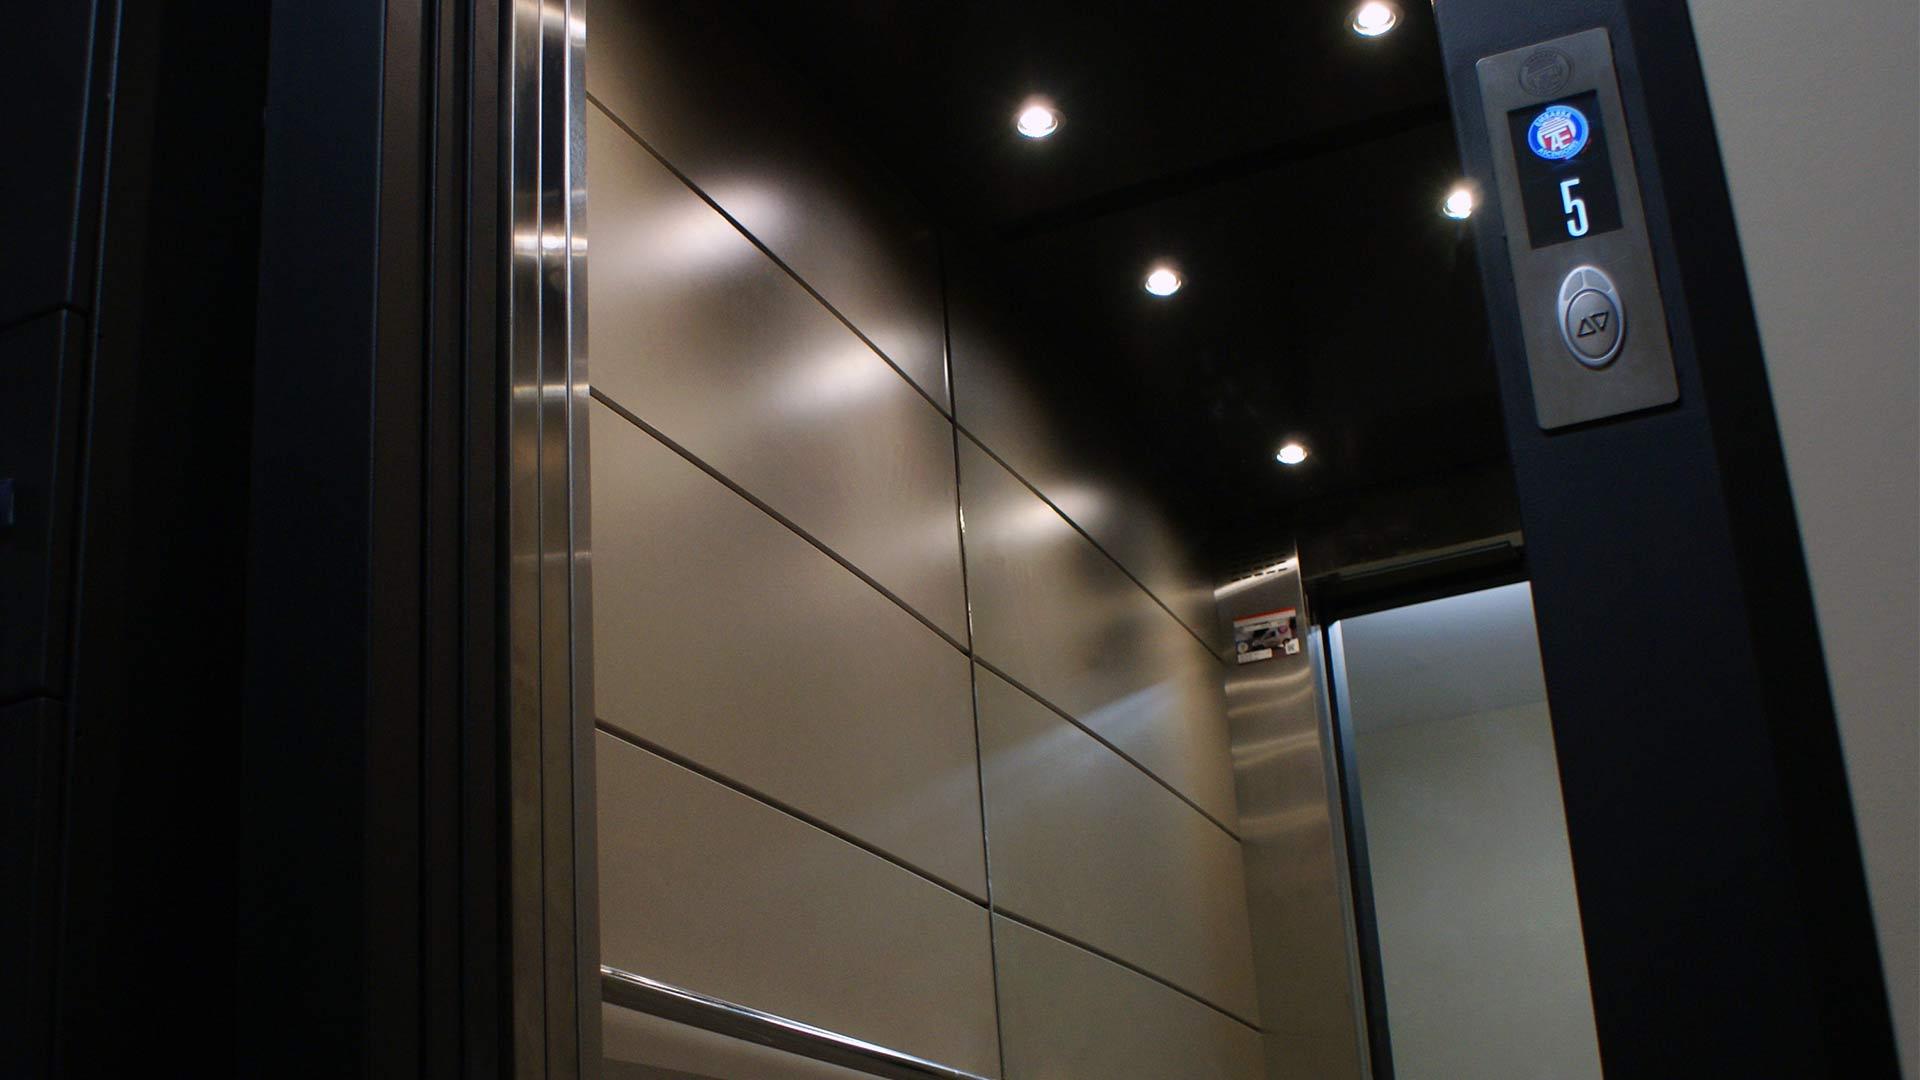 modernización-ascensores-actualización-elevadores-embarba-calidad-interior